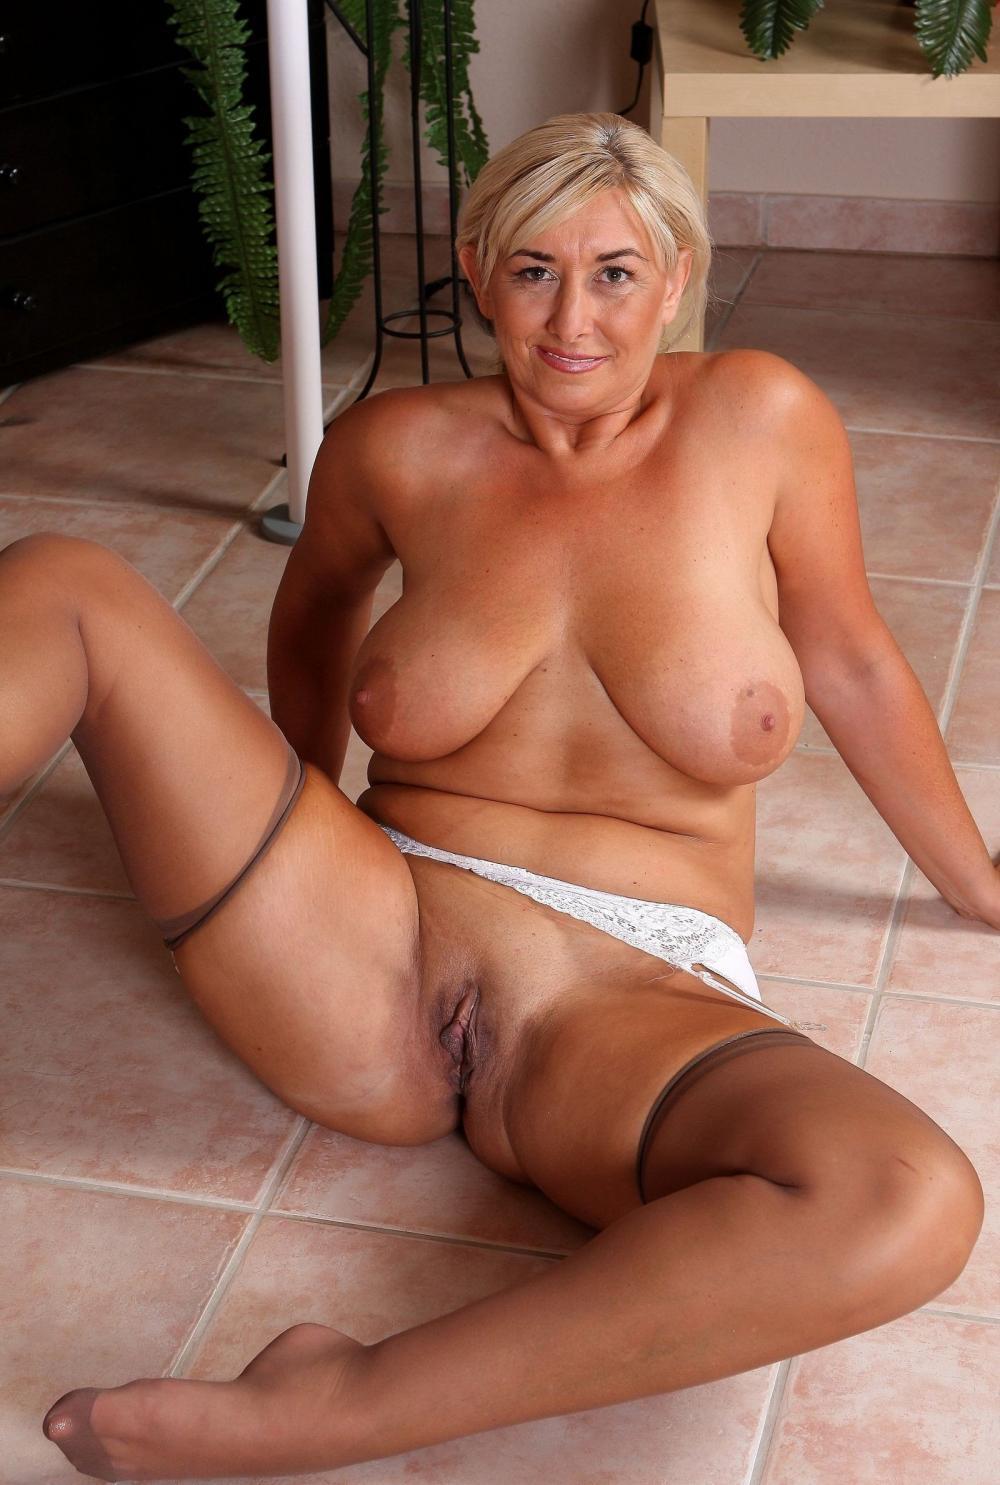 Голые зрелые женщины блондинка сидит на попе на полу в светлых чулках босая, ноги раздвинула, показывает свою бритую пизду